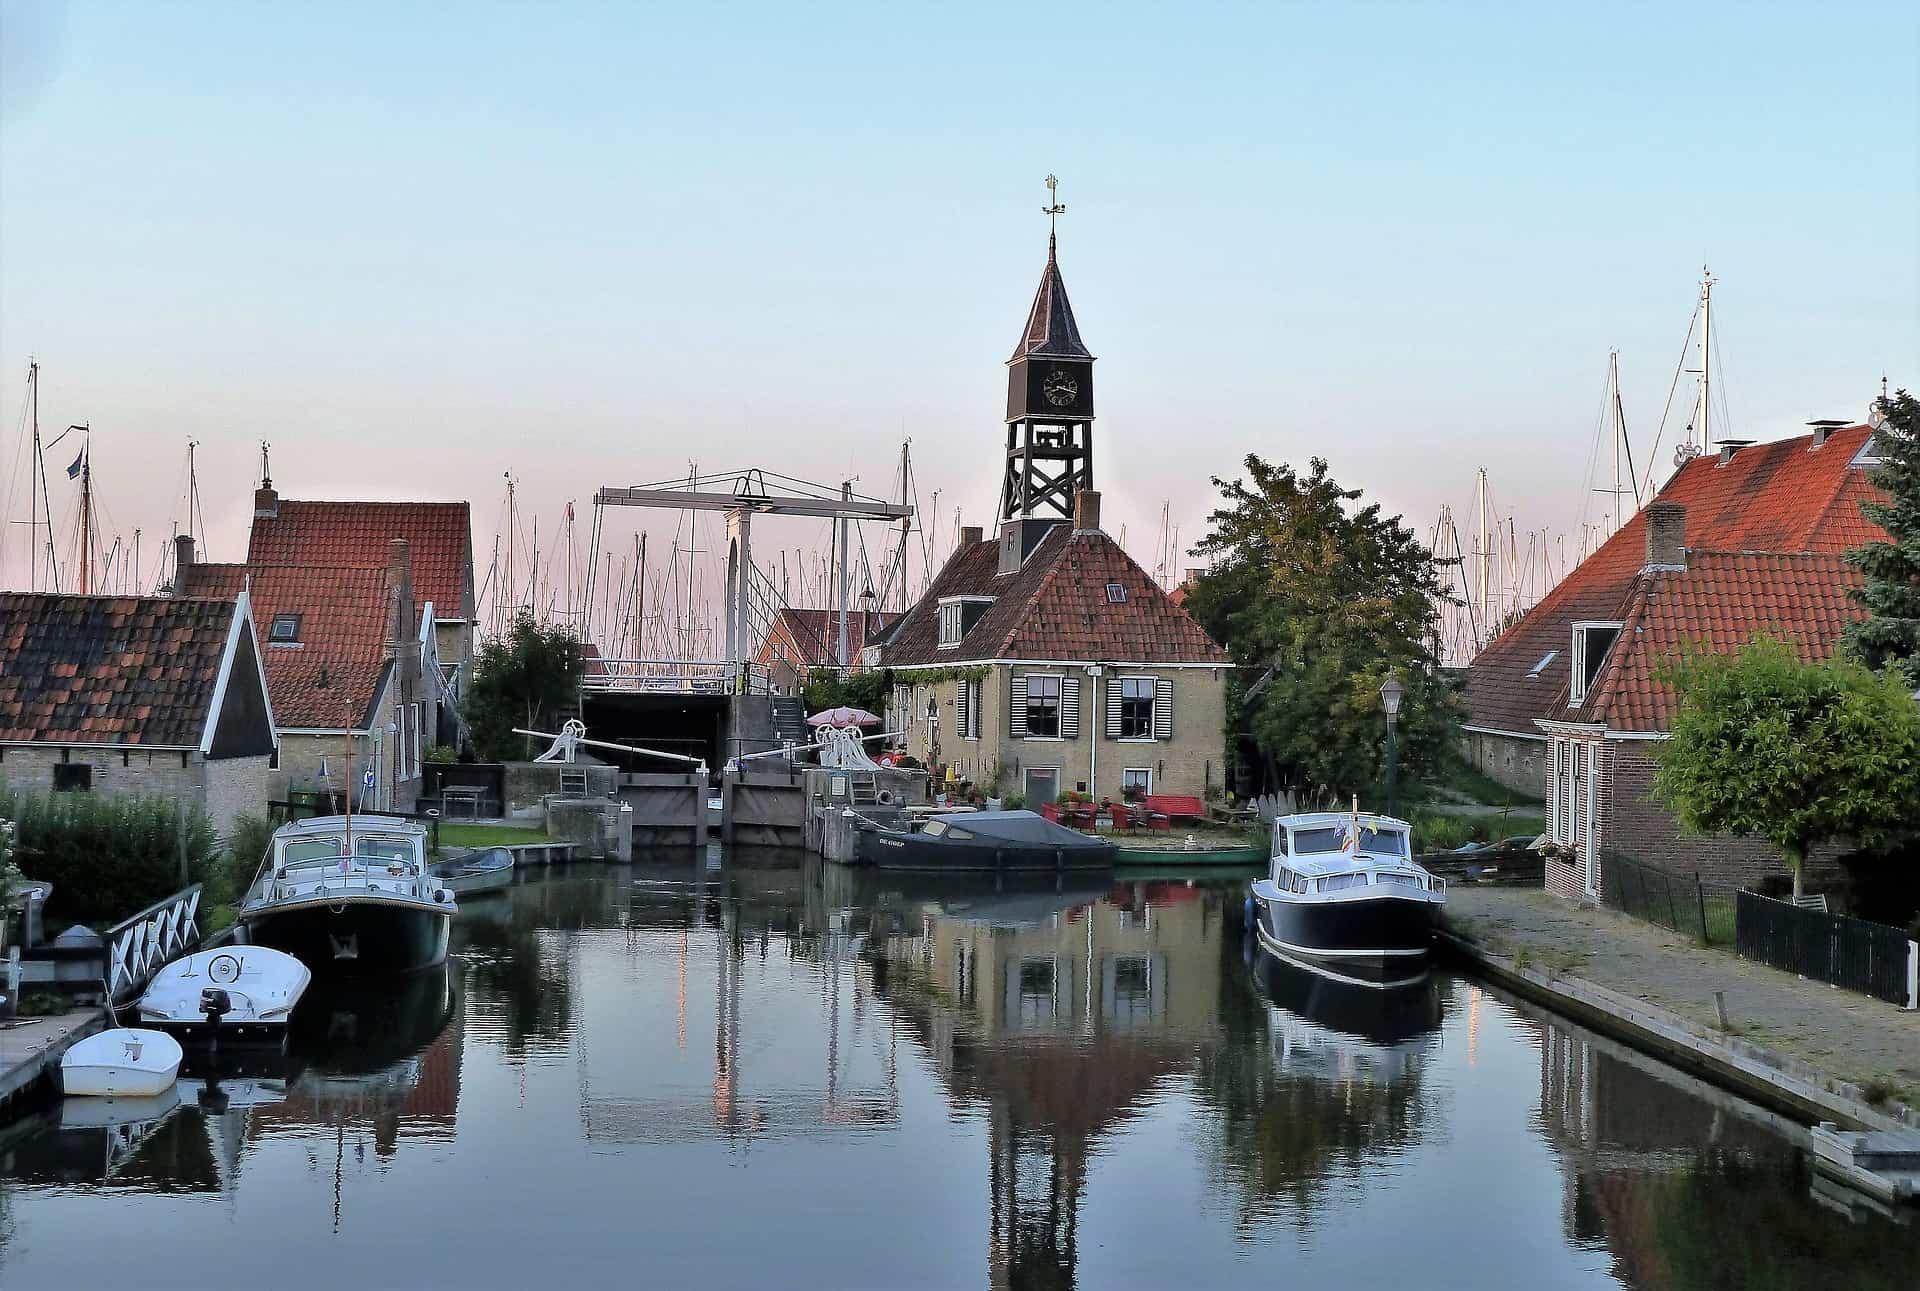 zonnepanelen in Súdwest Fryslân